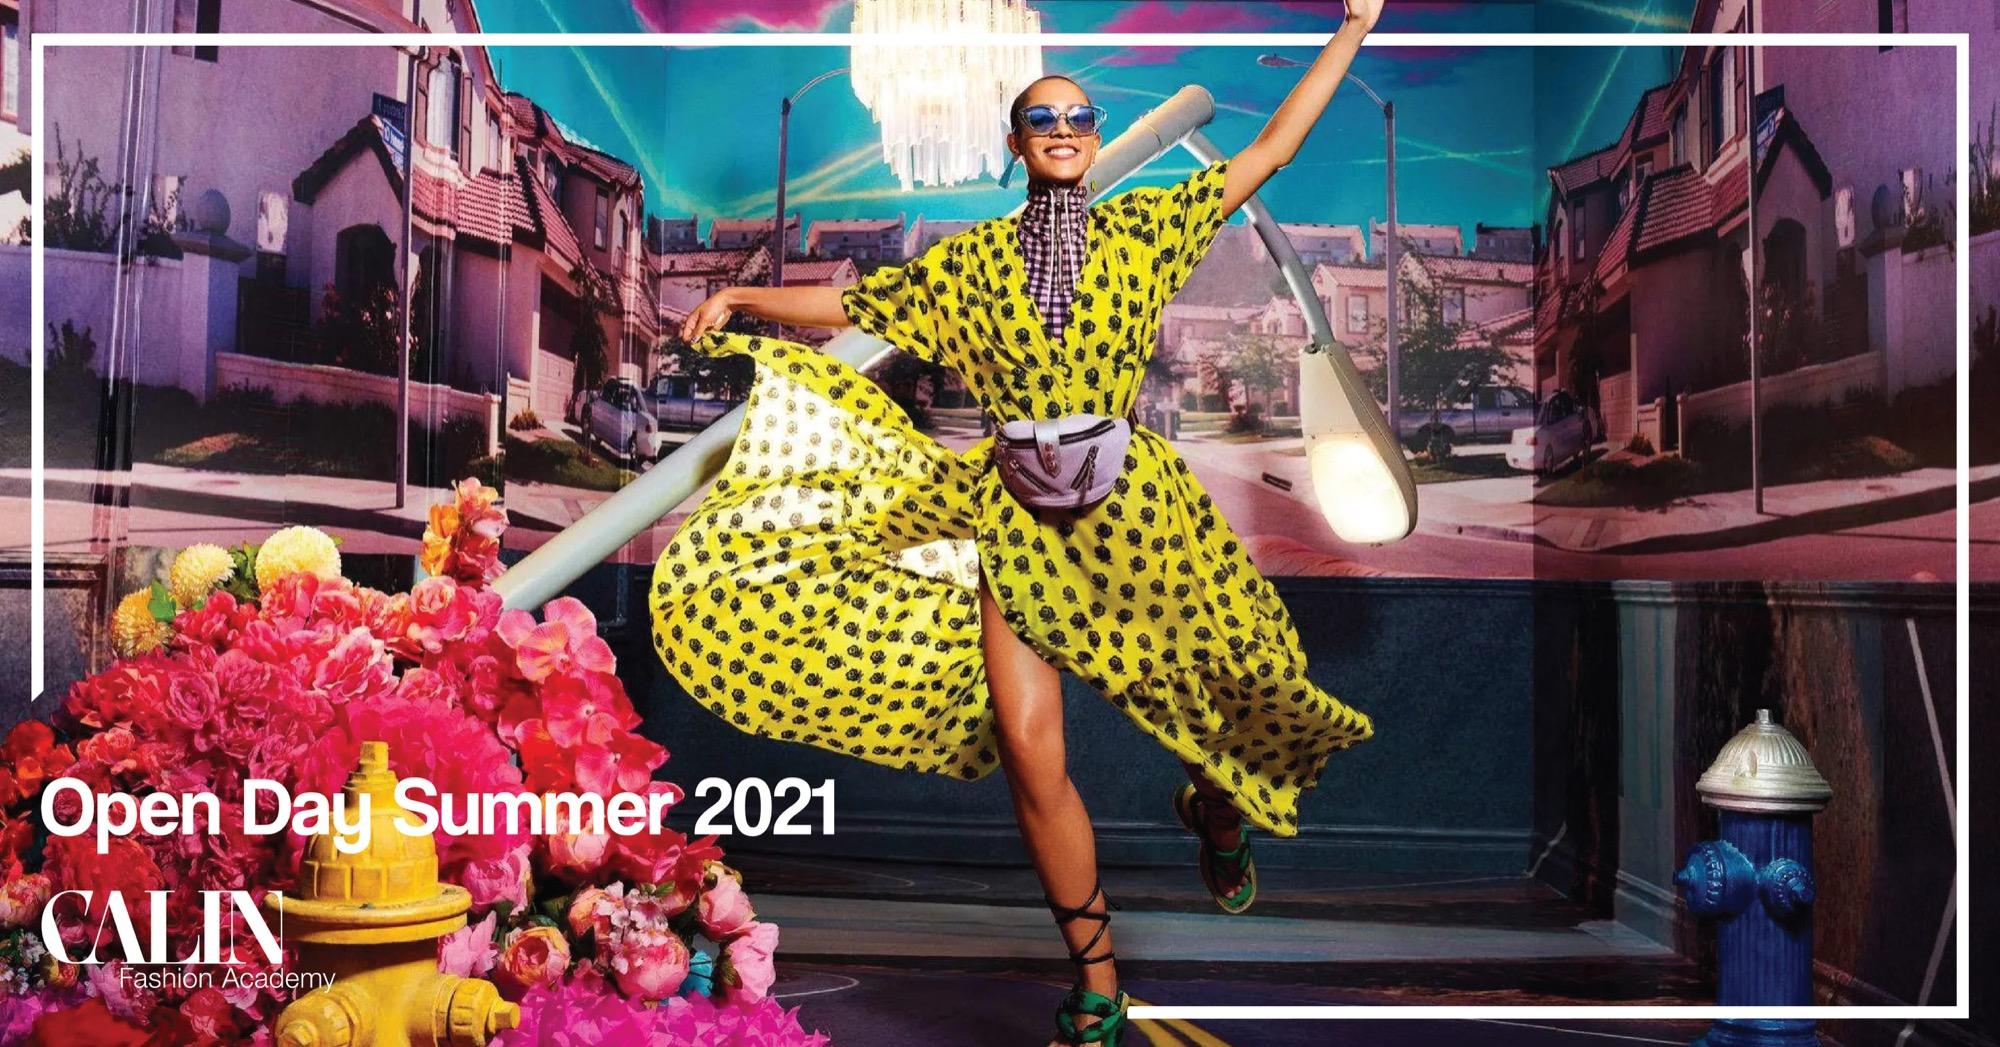 Open Day Summer 2021